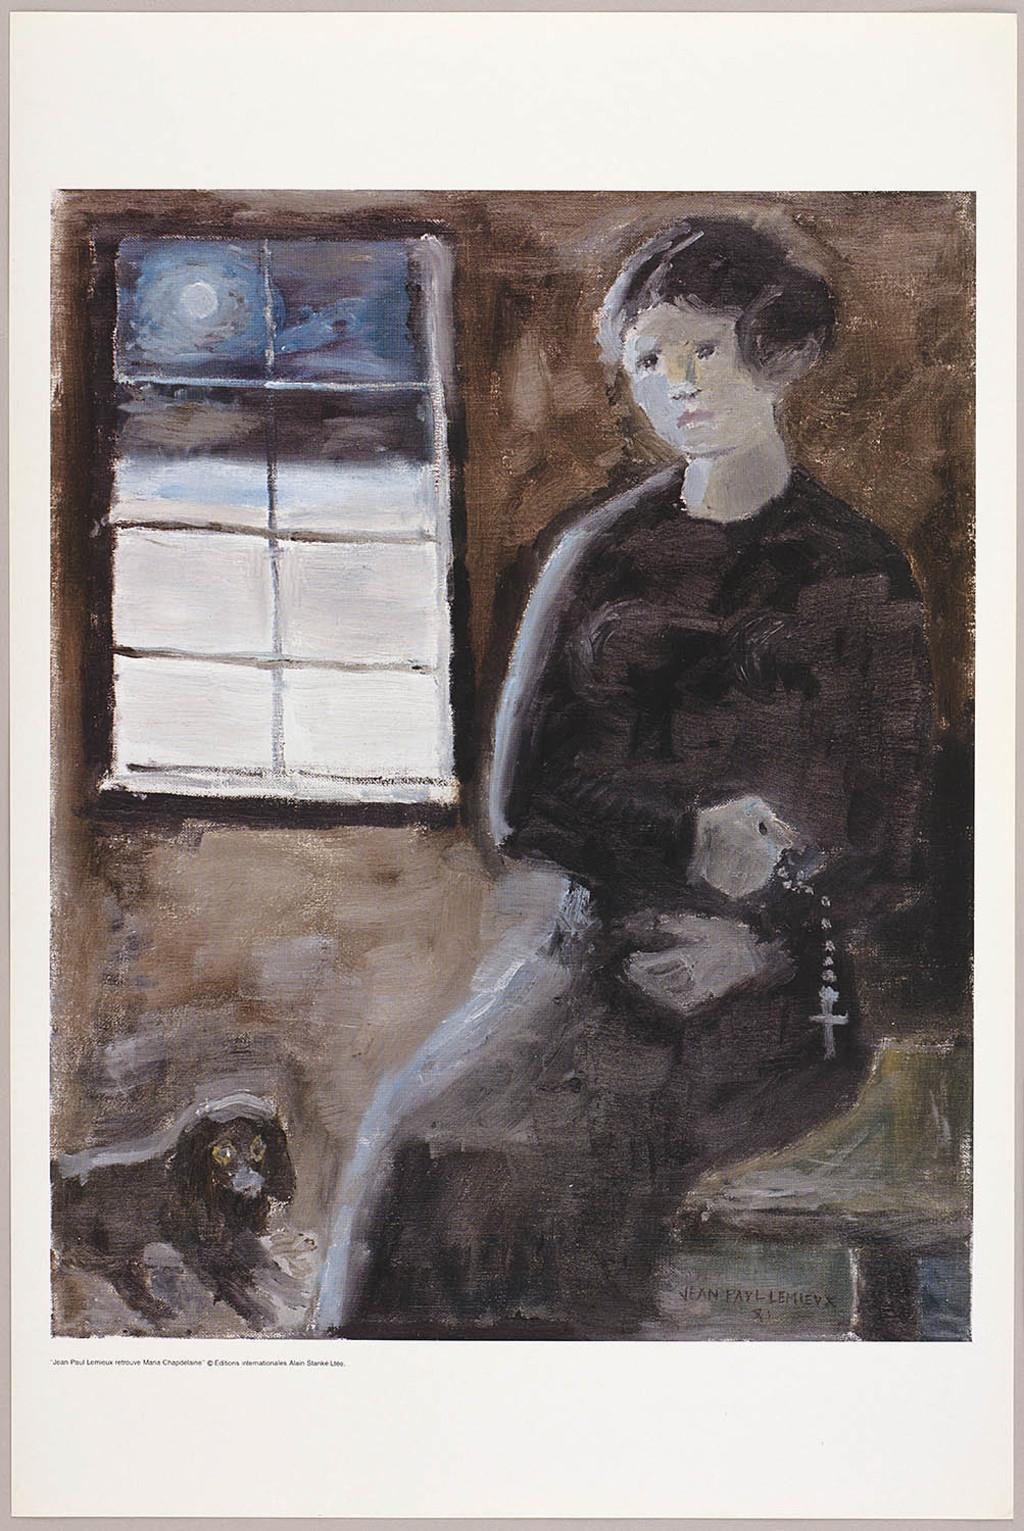 Les Mille Ave, du livre illustré Jean Paul Lemieux retrouve Maria Chapdelaine